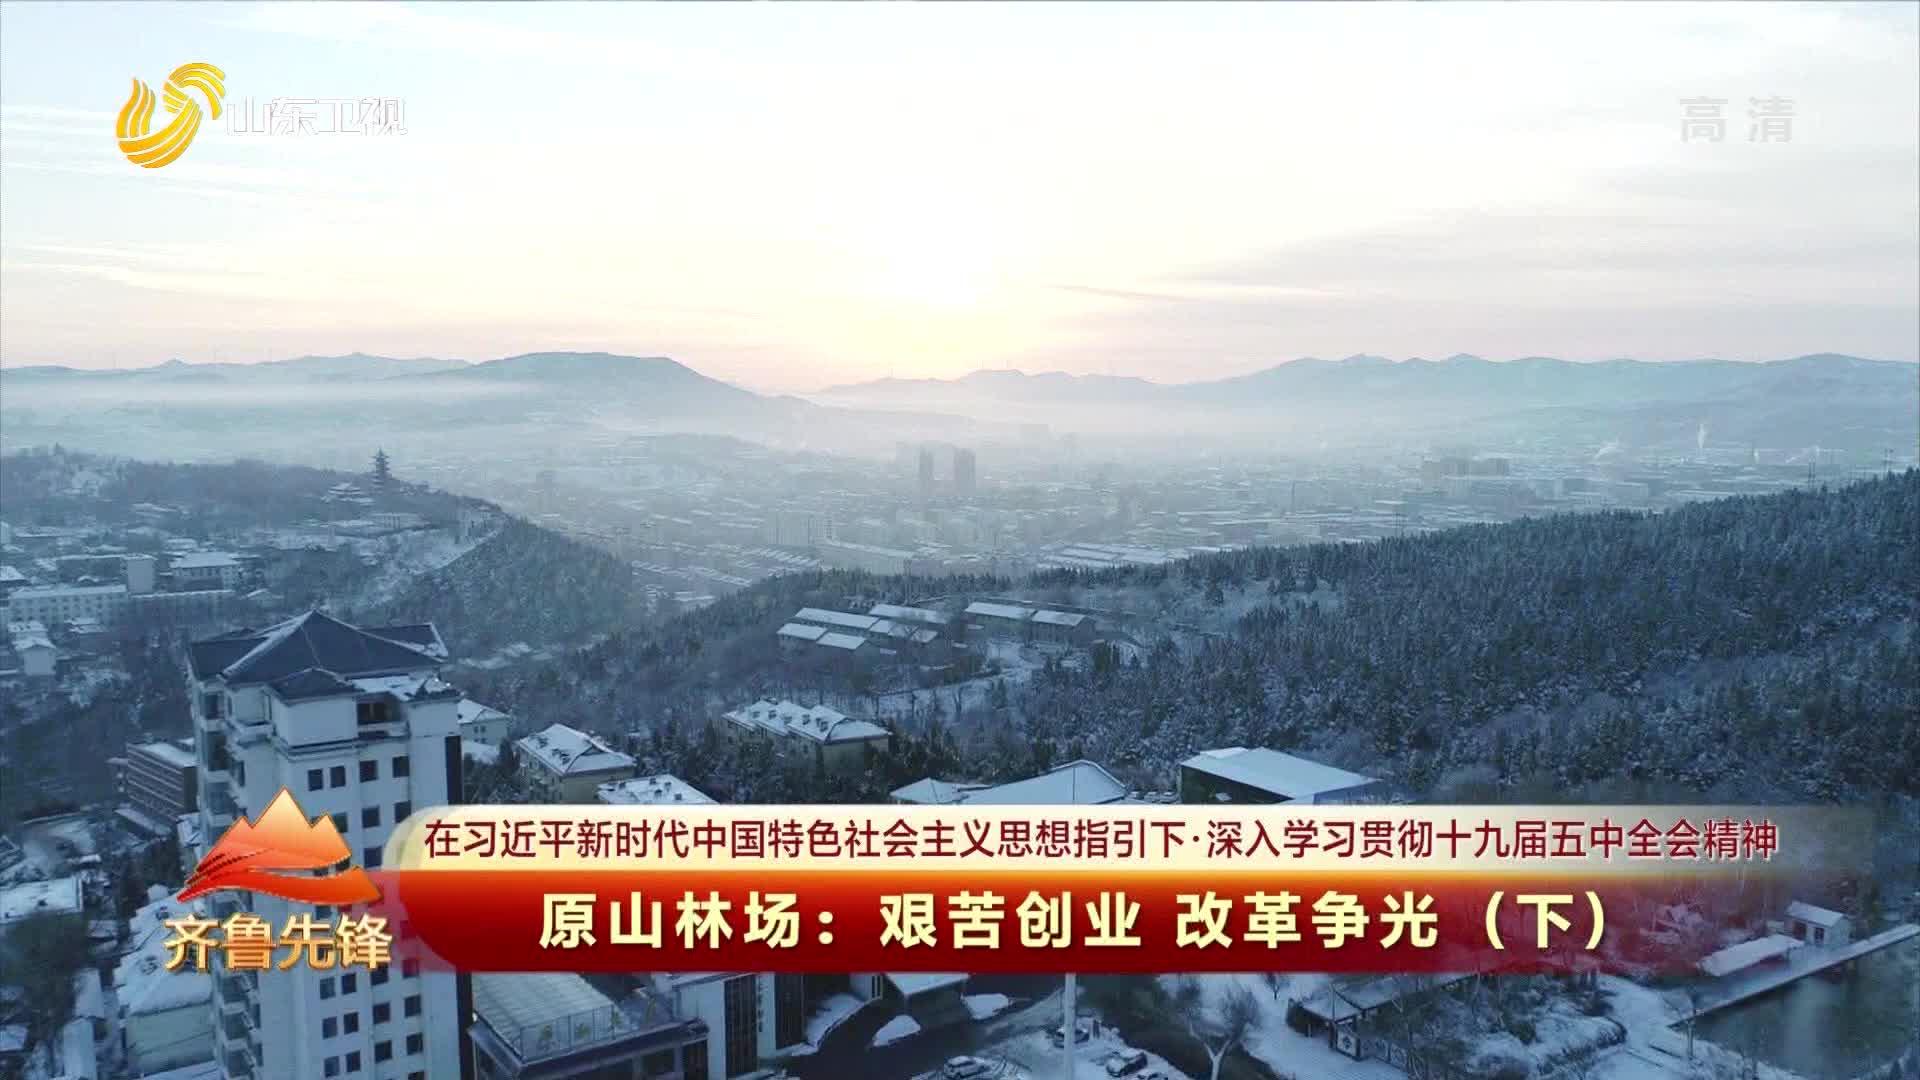 20210210《齐鲁先锋》:原山林场——艰苦创业 改革争光(下)